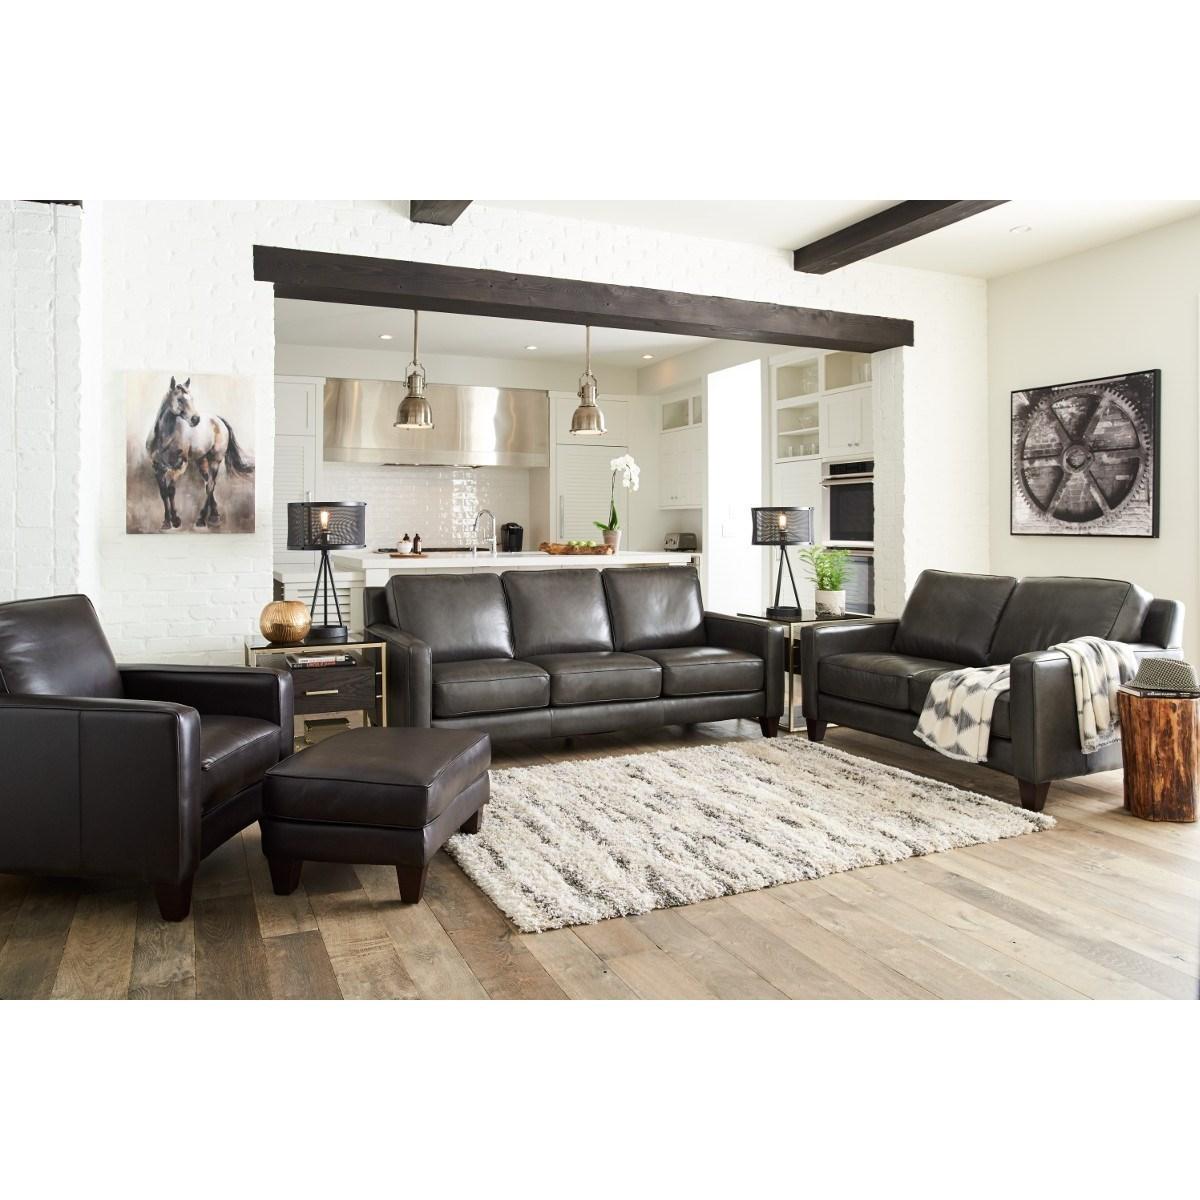 Archer Living Room Group By La Z Boy